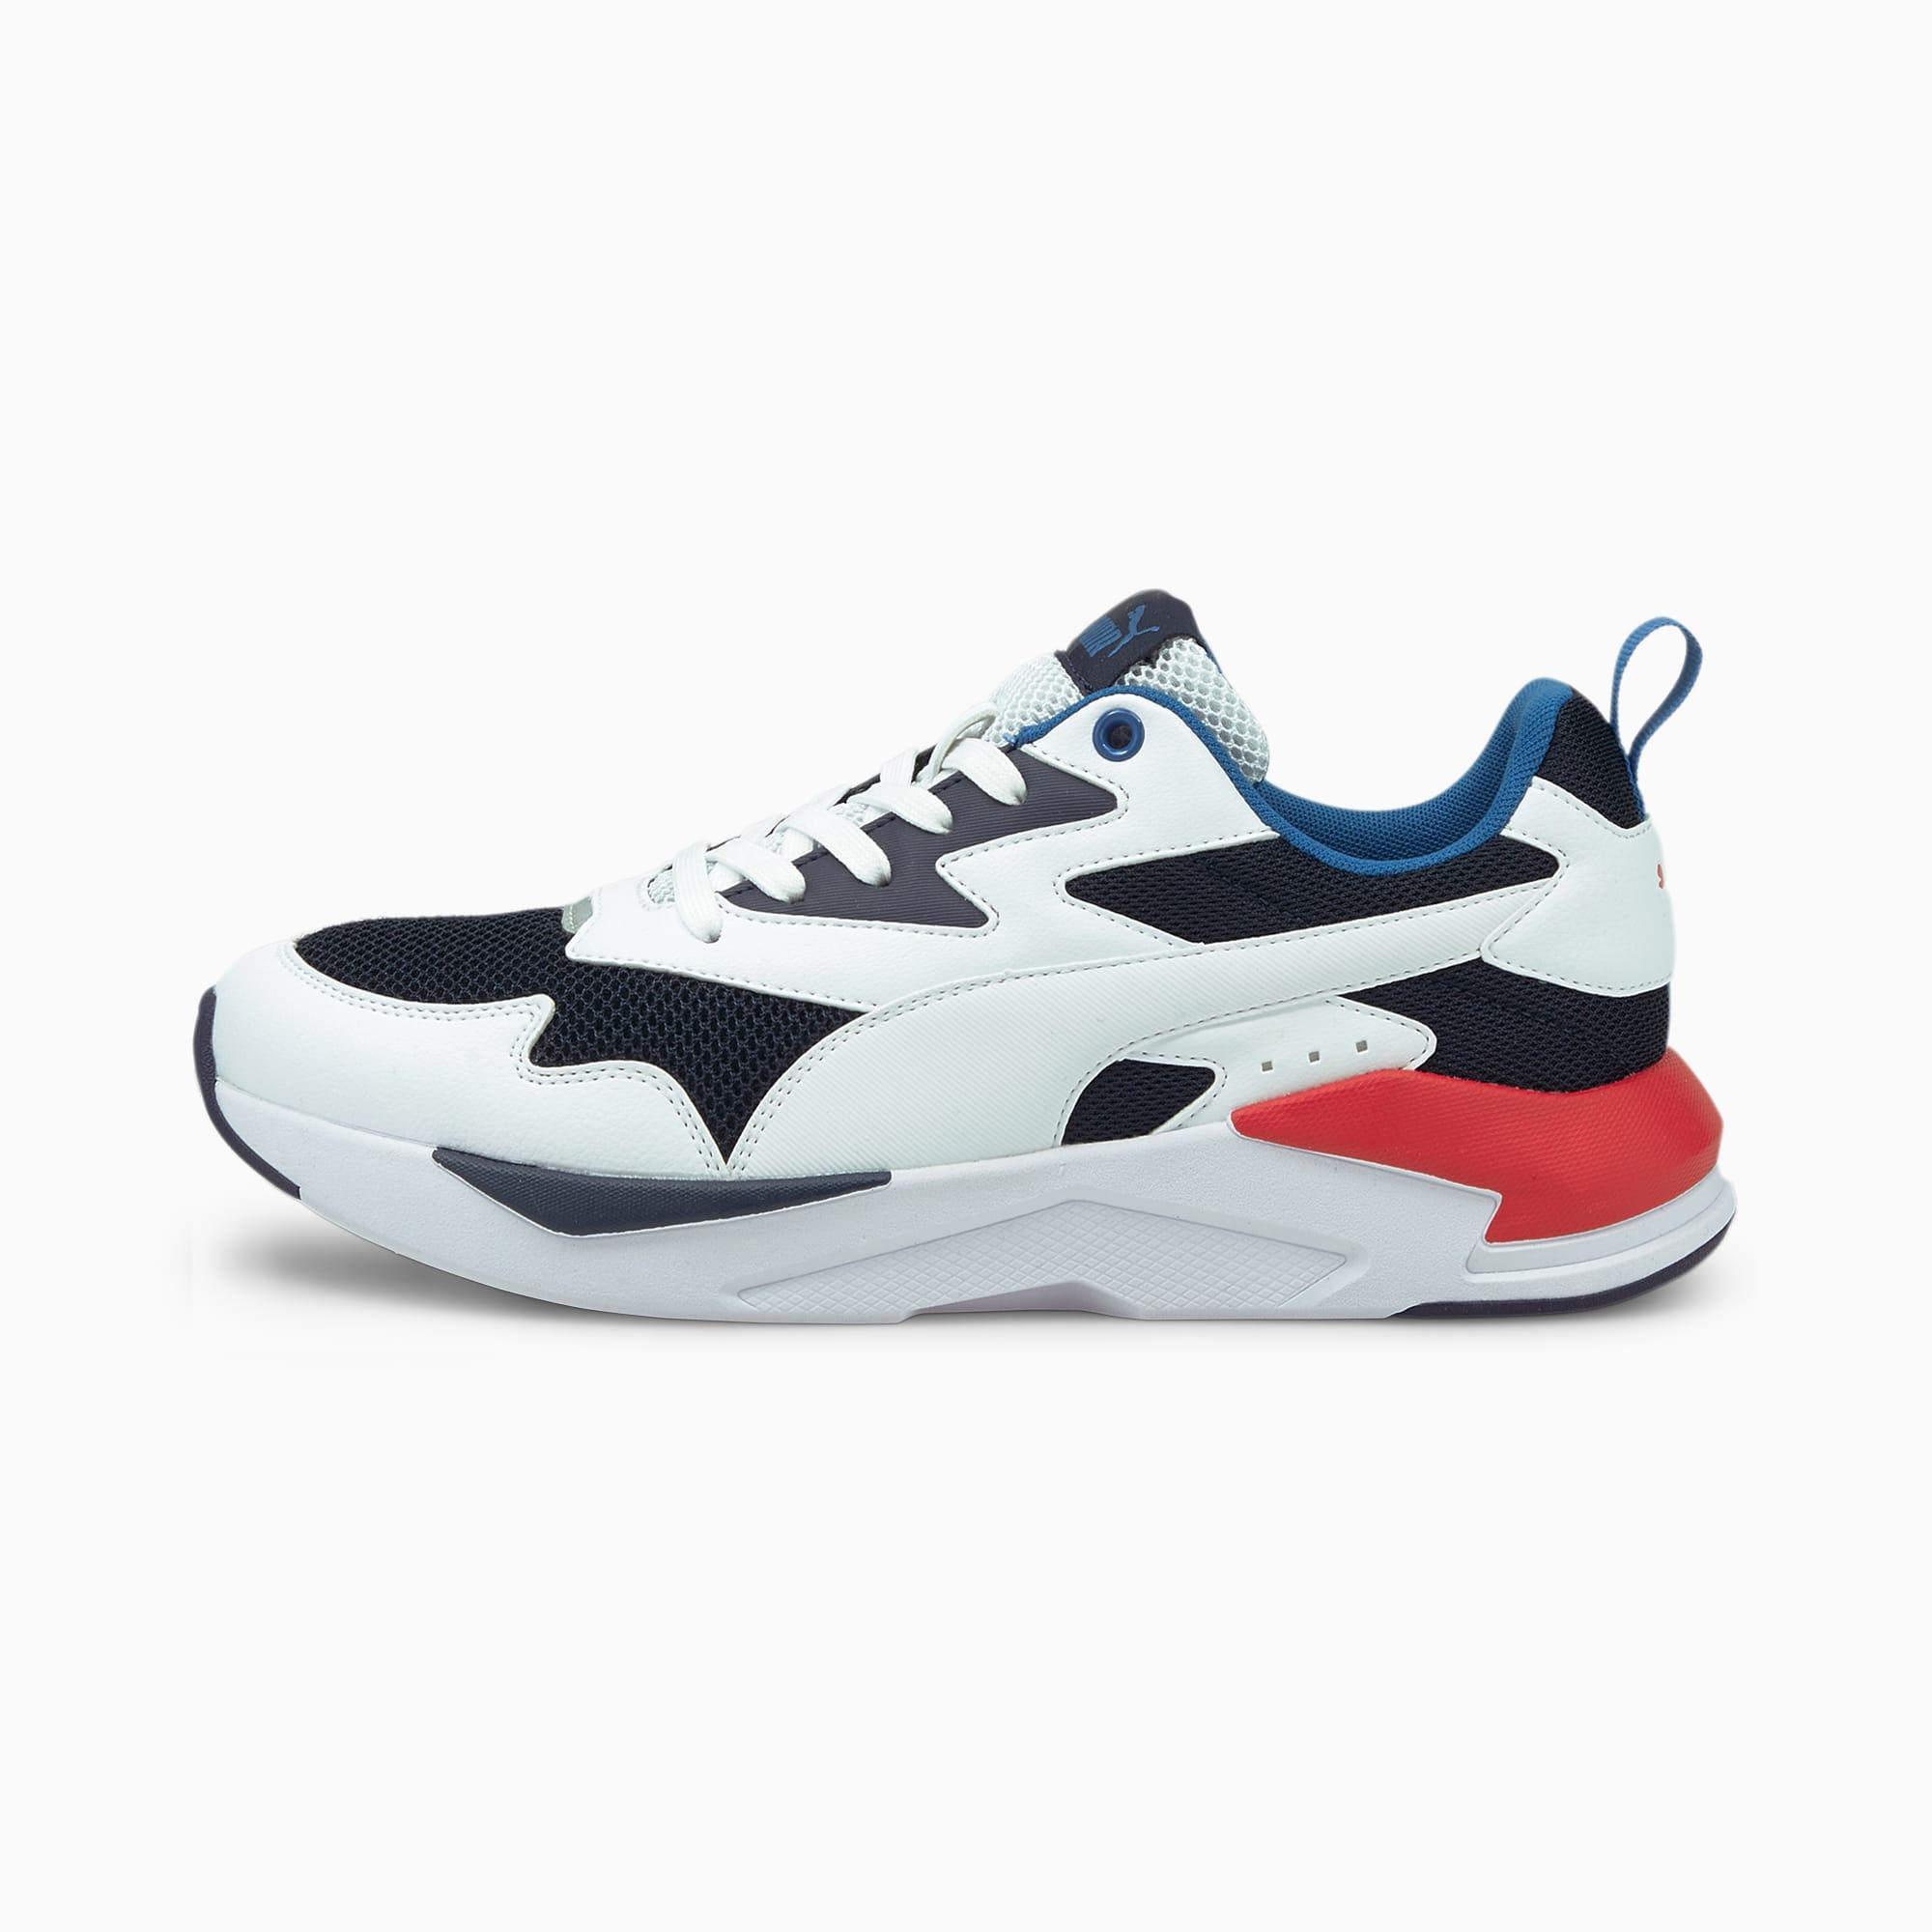 PUMA X-Ray Lite Sneaker Schuhe Für Herren | Mit Aucun | Weiß/Blau | Größe: 45